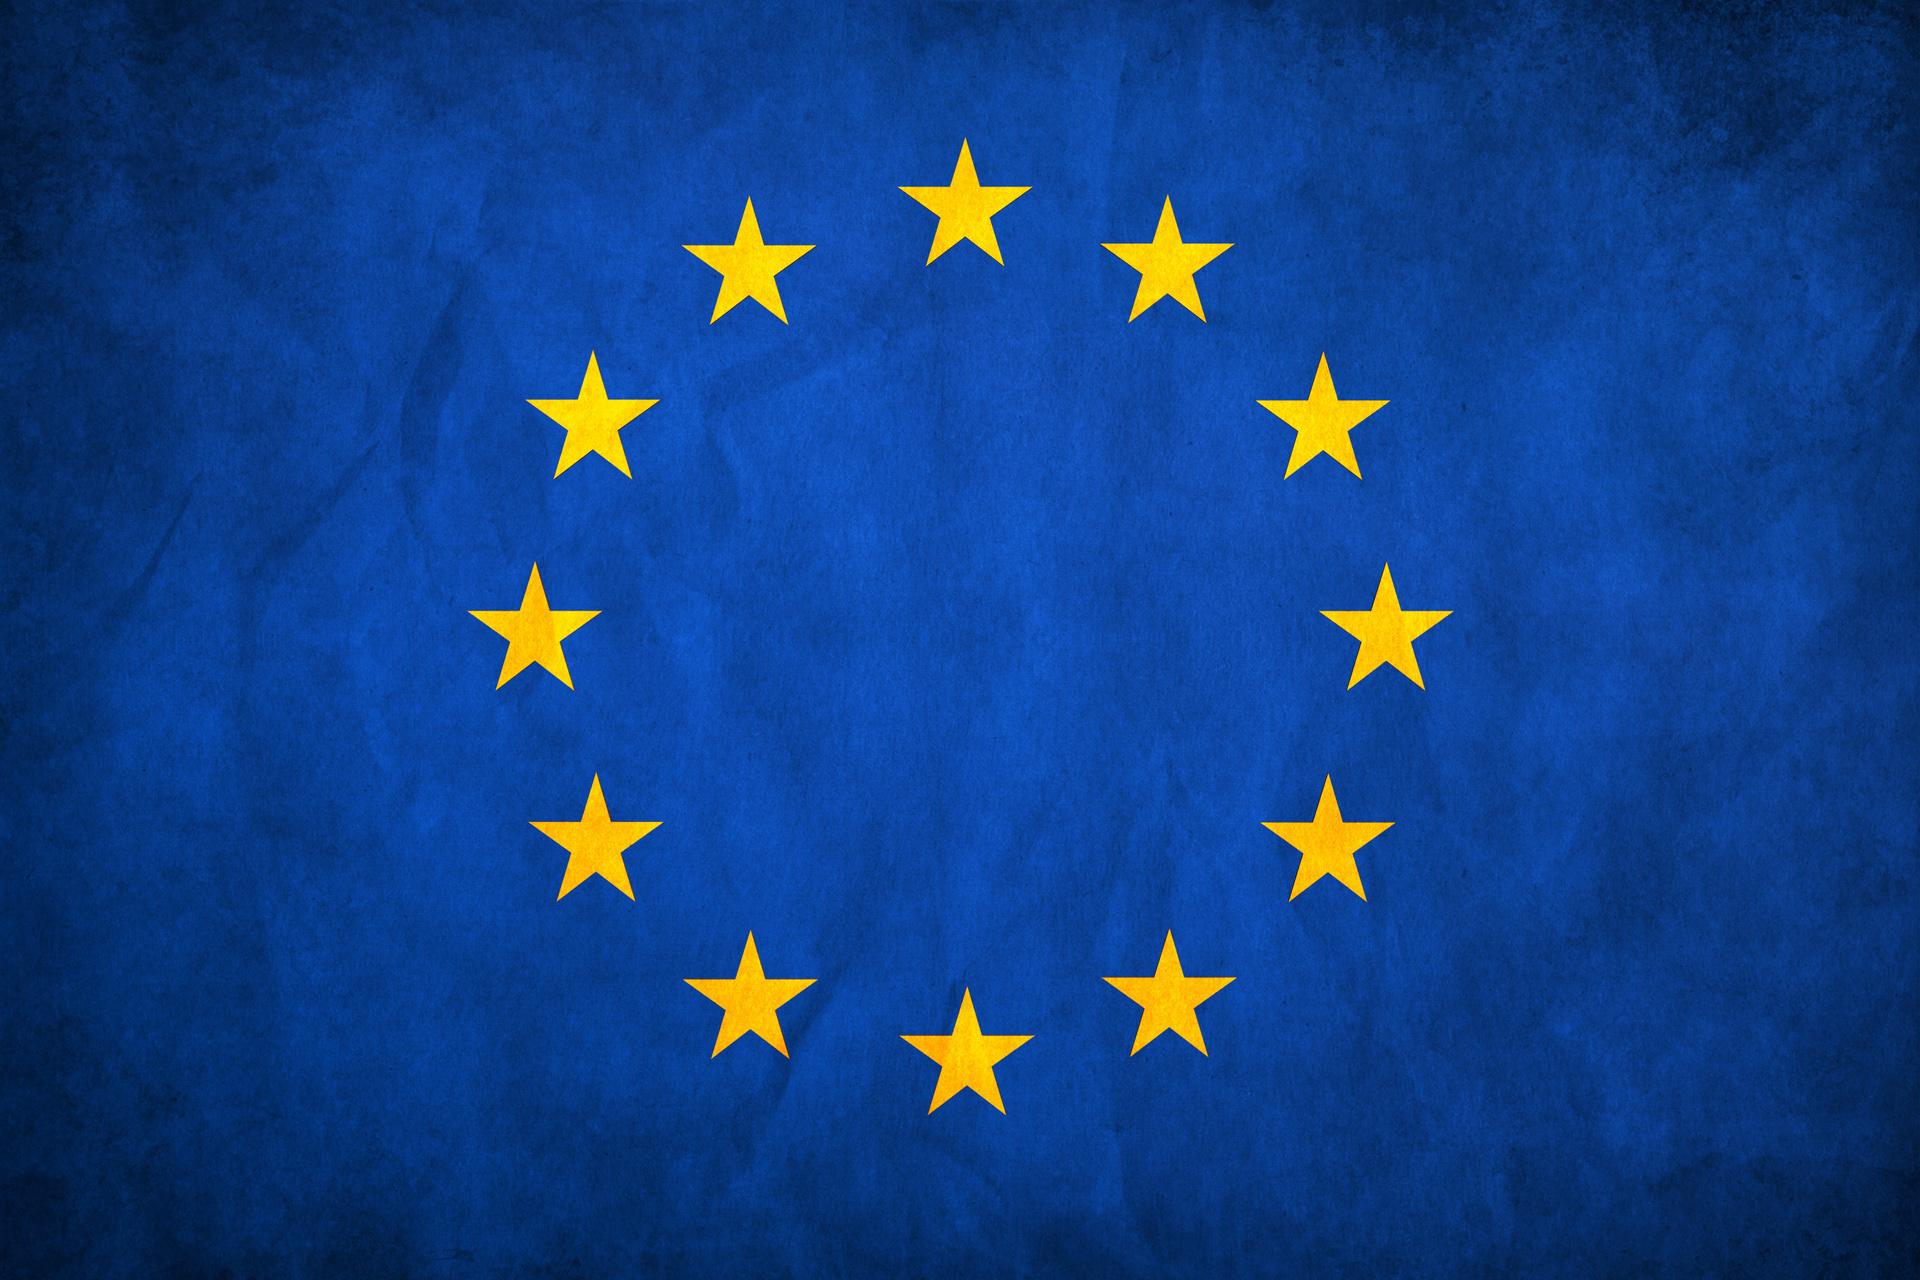 В Евросоюзе планируют запретить анонимный обмен цифровых валют